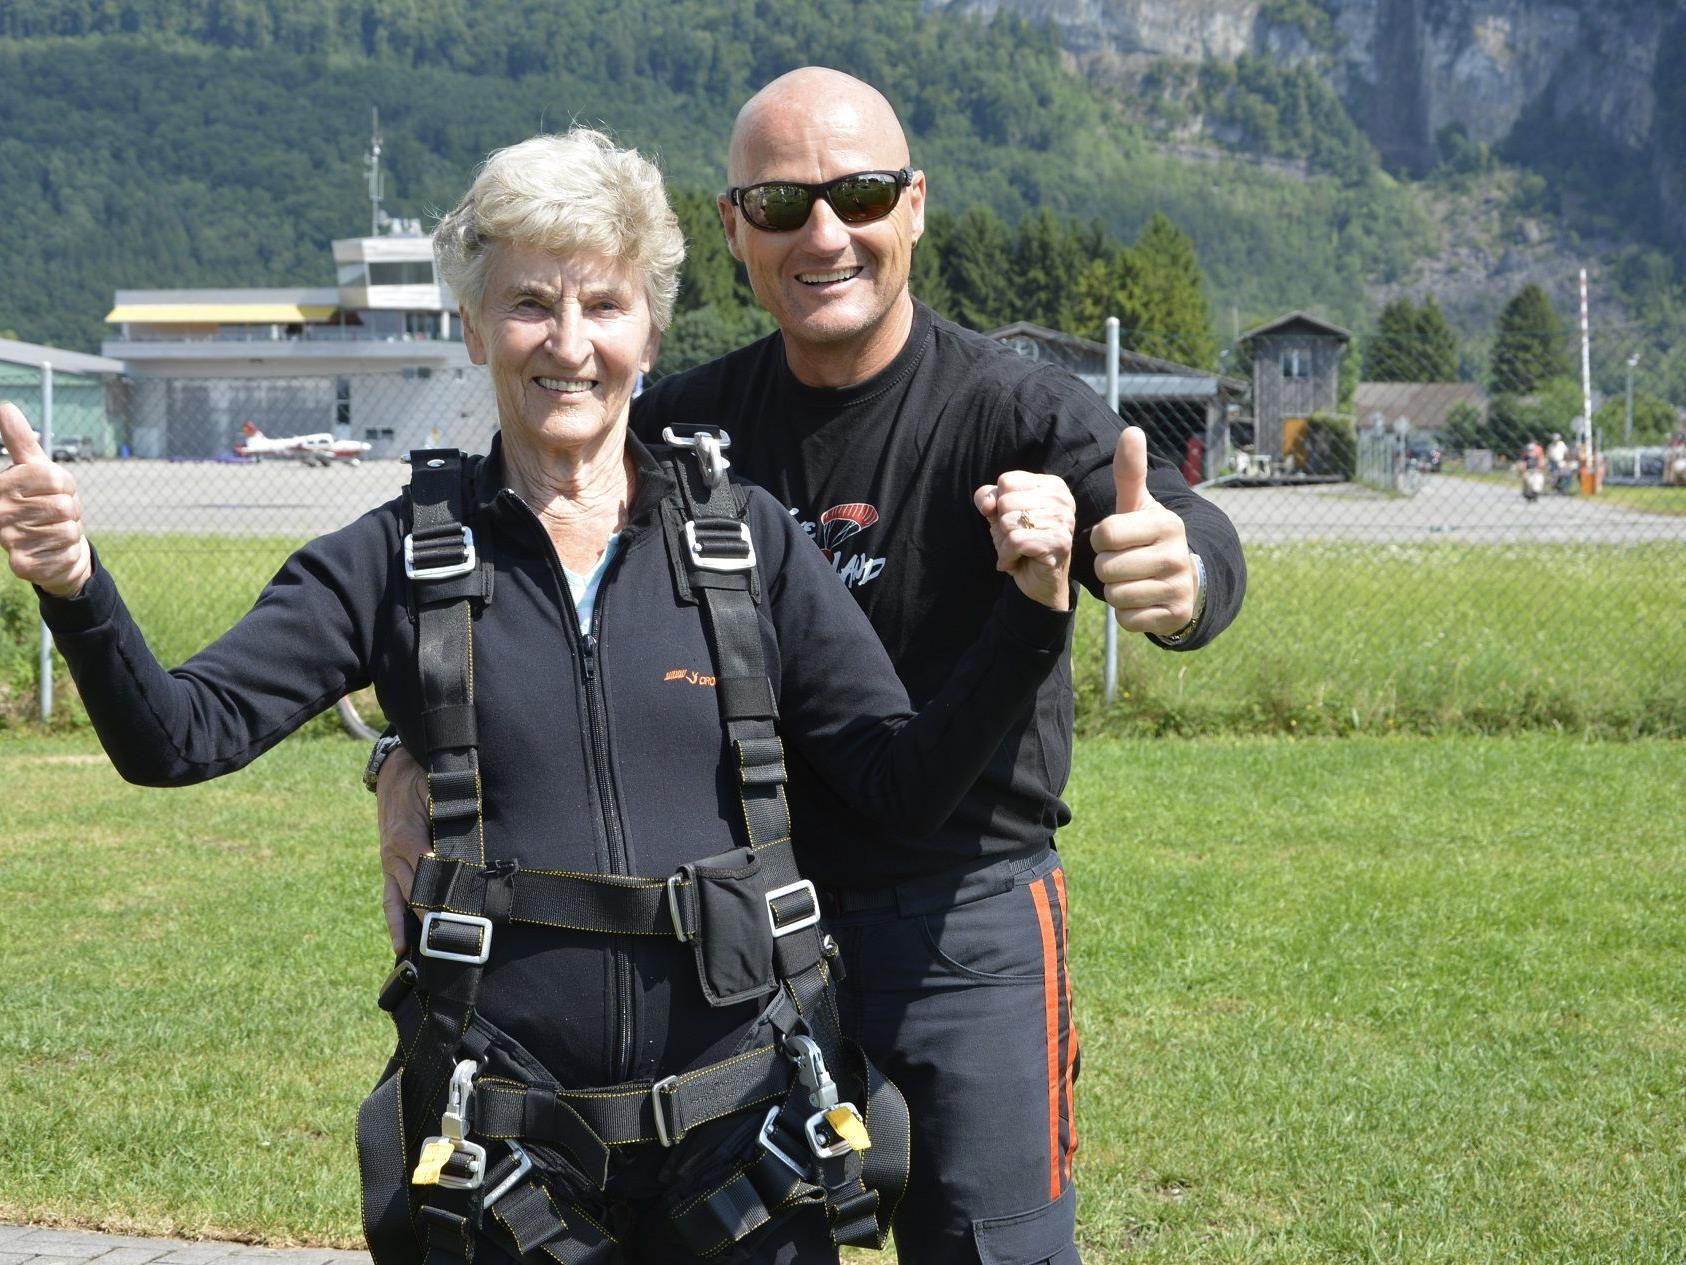 Lydia Kalb ist bereit zum Flug. Zusammen mit ihrem Tandemmaster Robert wird sie den Sprung wagen.